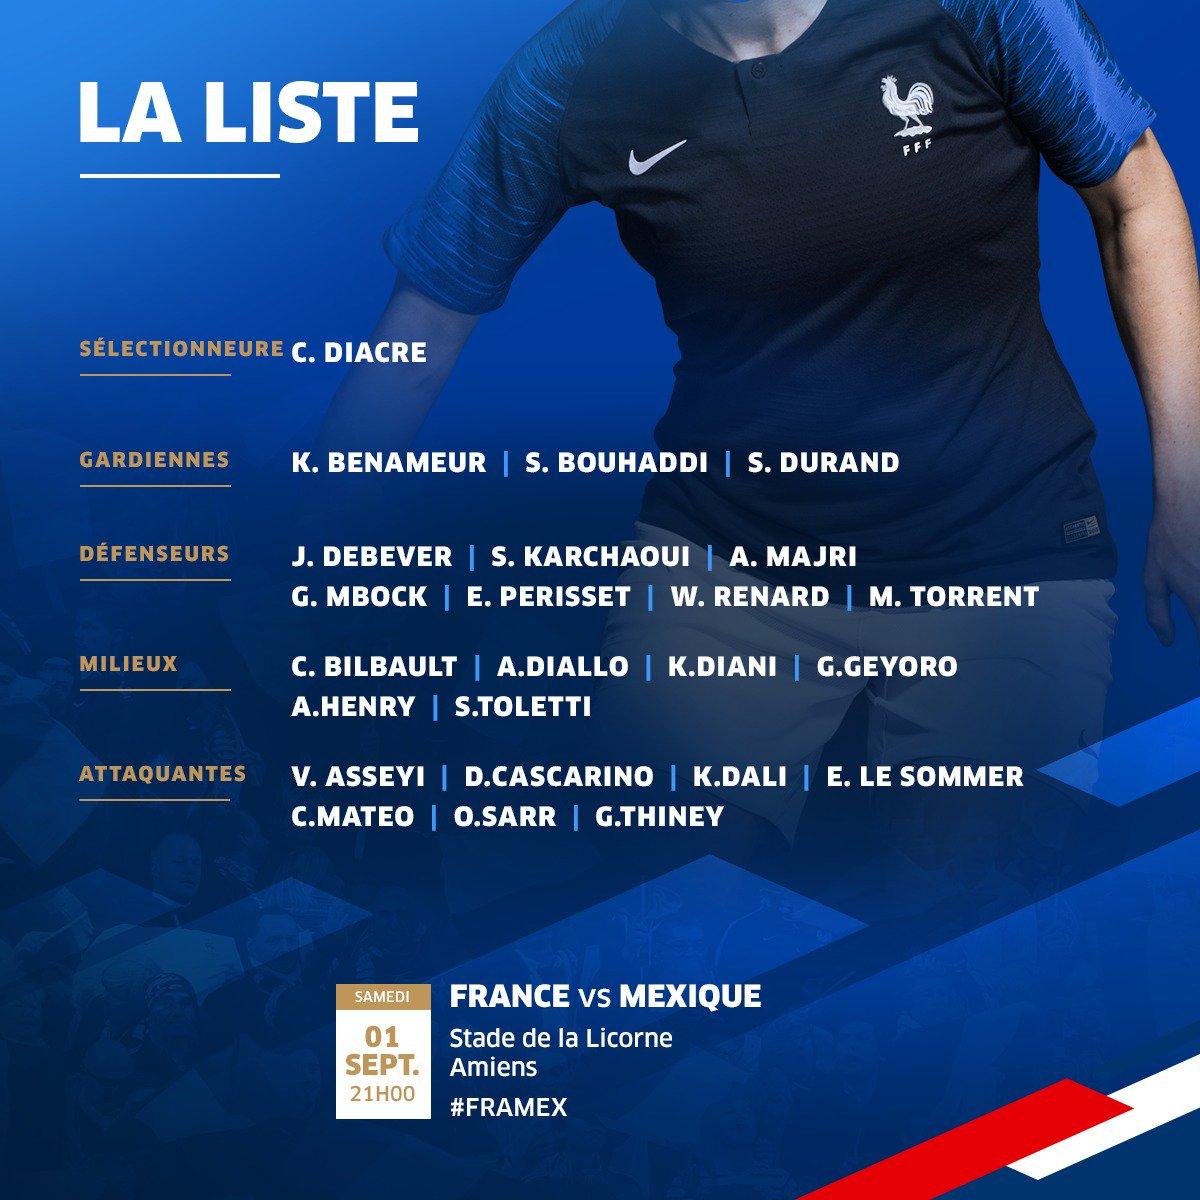 Équipe de France féminine de football - Page 3 DlIBj2GW4AAGFEF